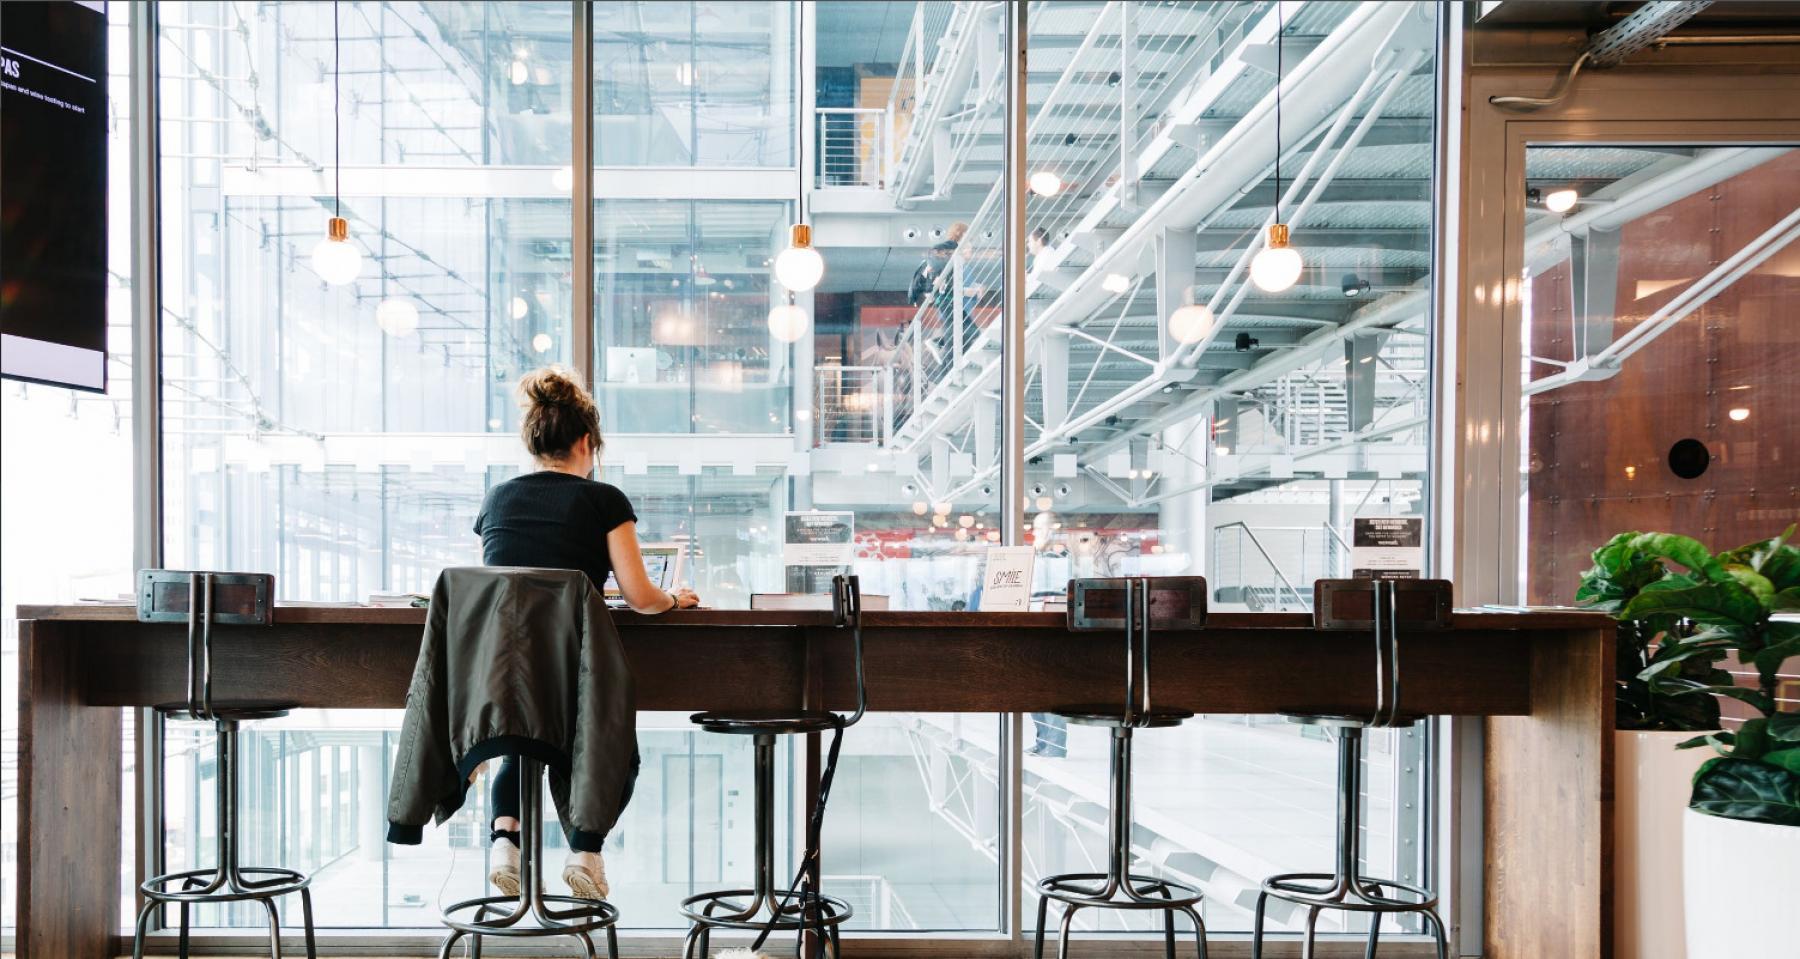 Arbeitsplatz an Glasfassade mit Blick ins Foyer